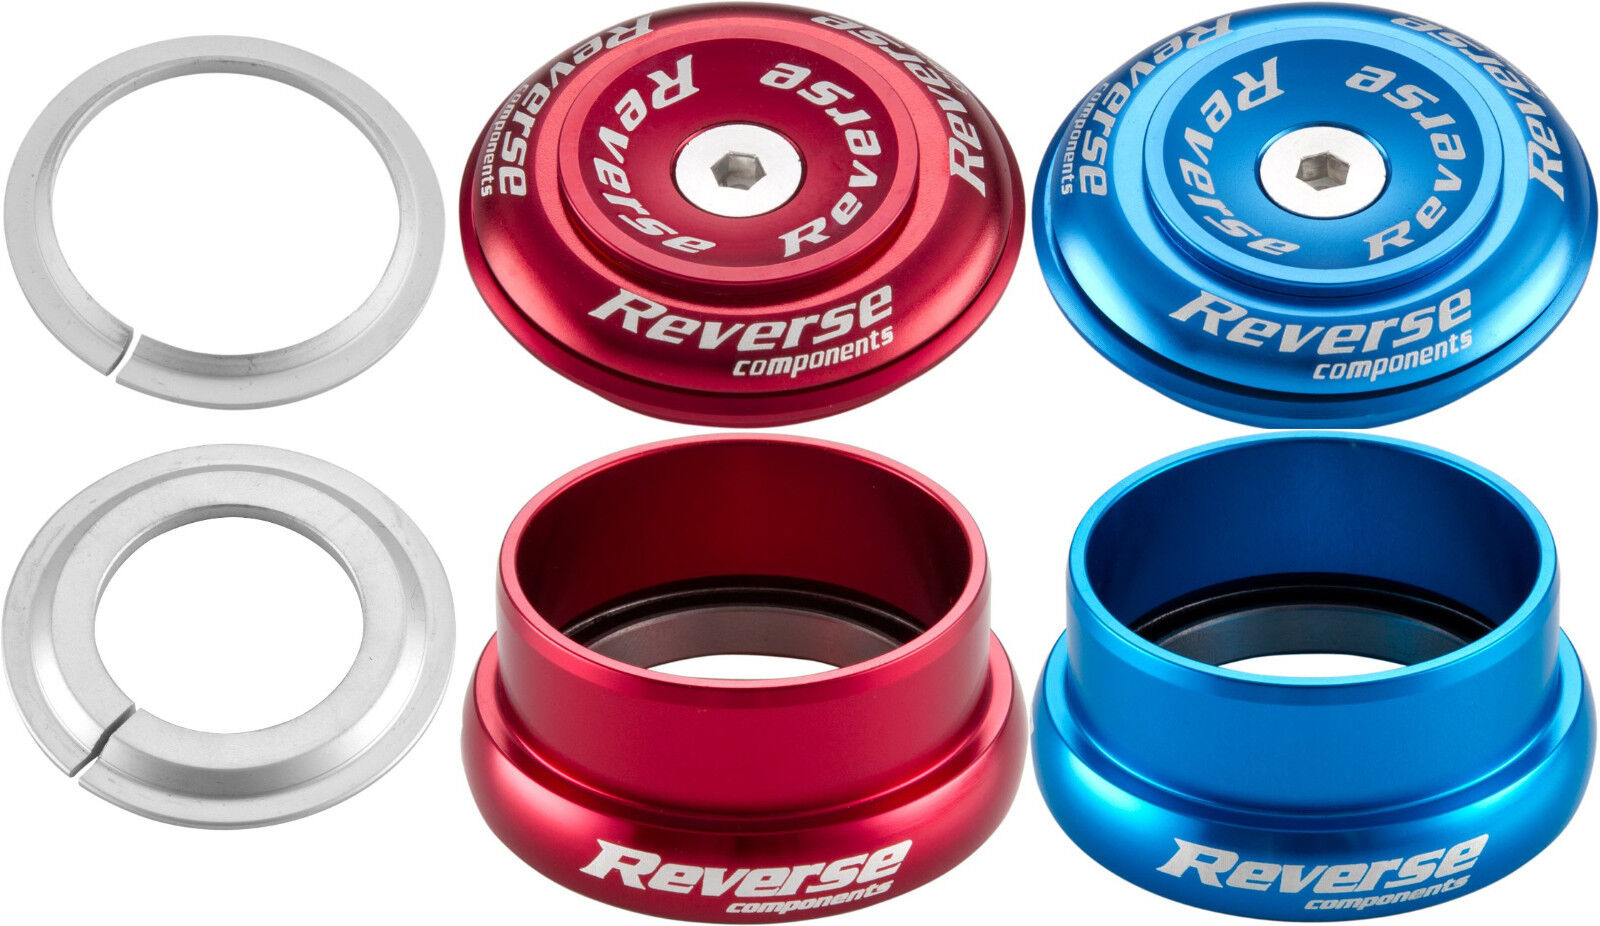 Steuersatz Reverse Twister 1,5  taperot 1 1 1 1 8  ae8f98